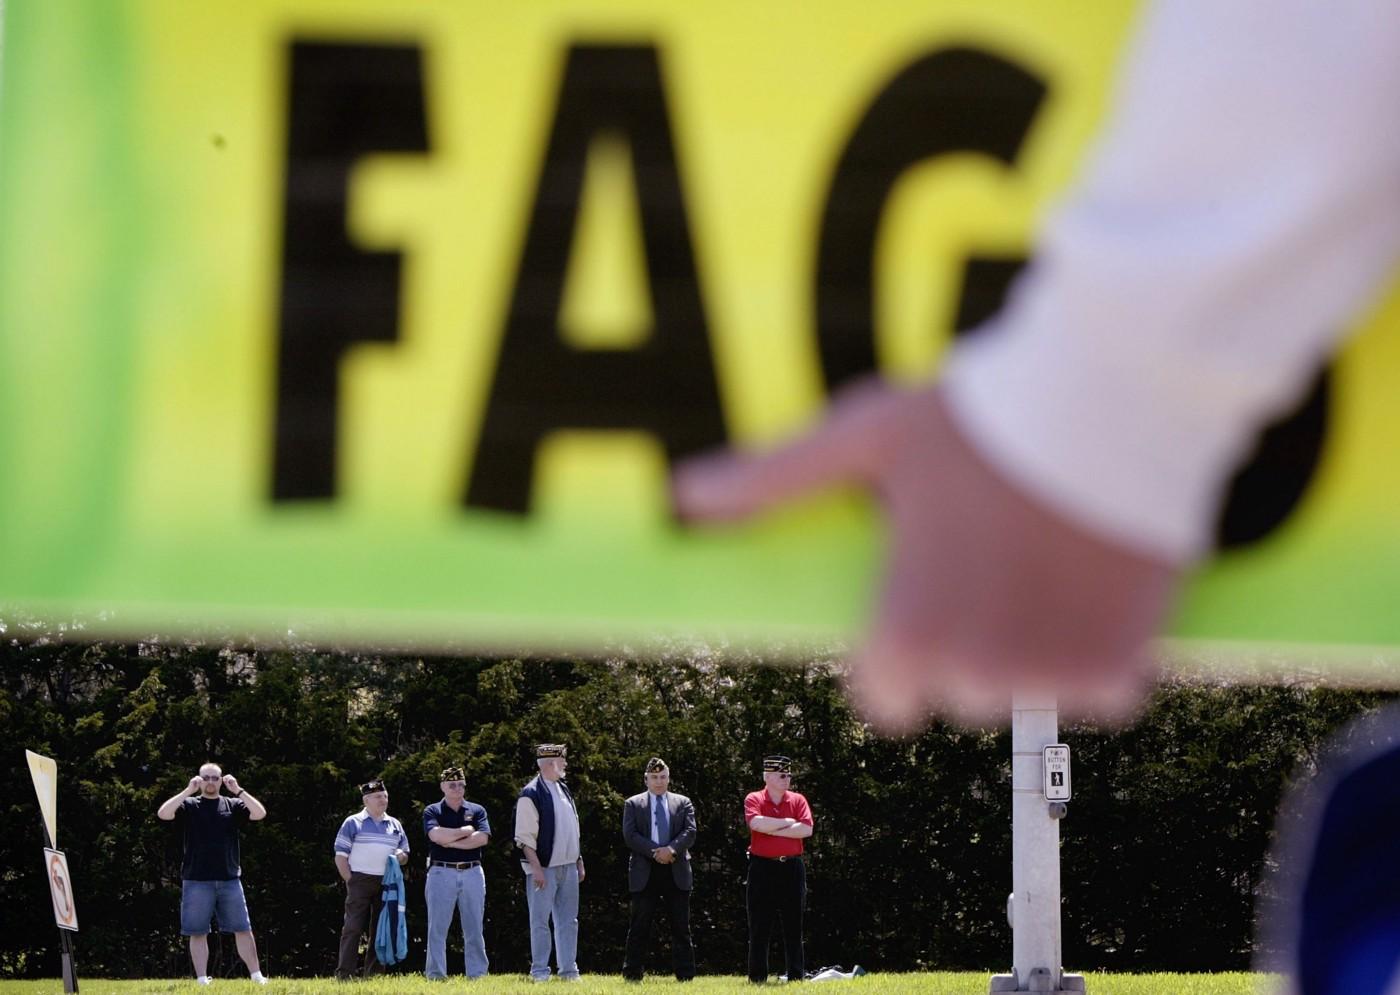 Acto Discriminación Cominidad LGBT Bisexualidad